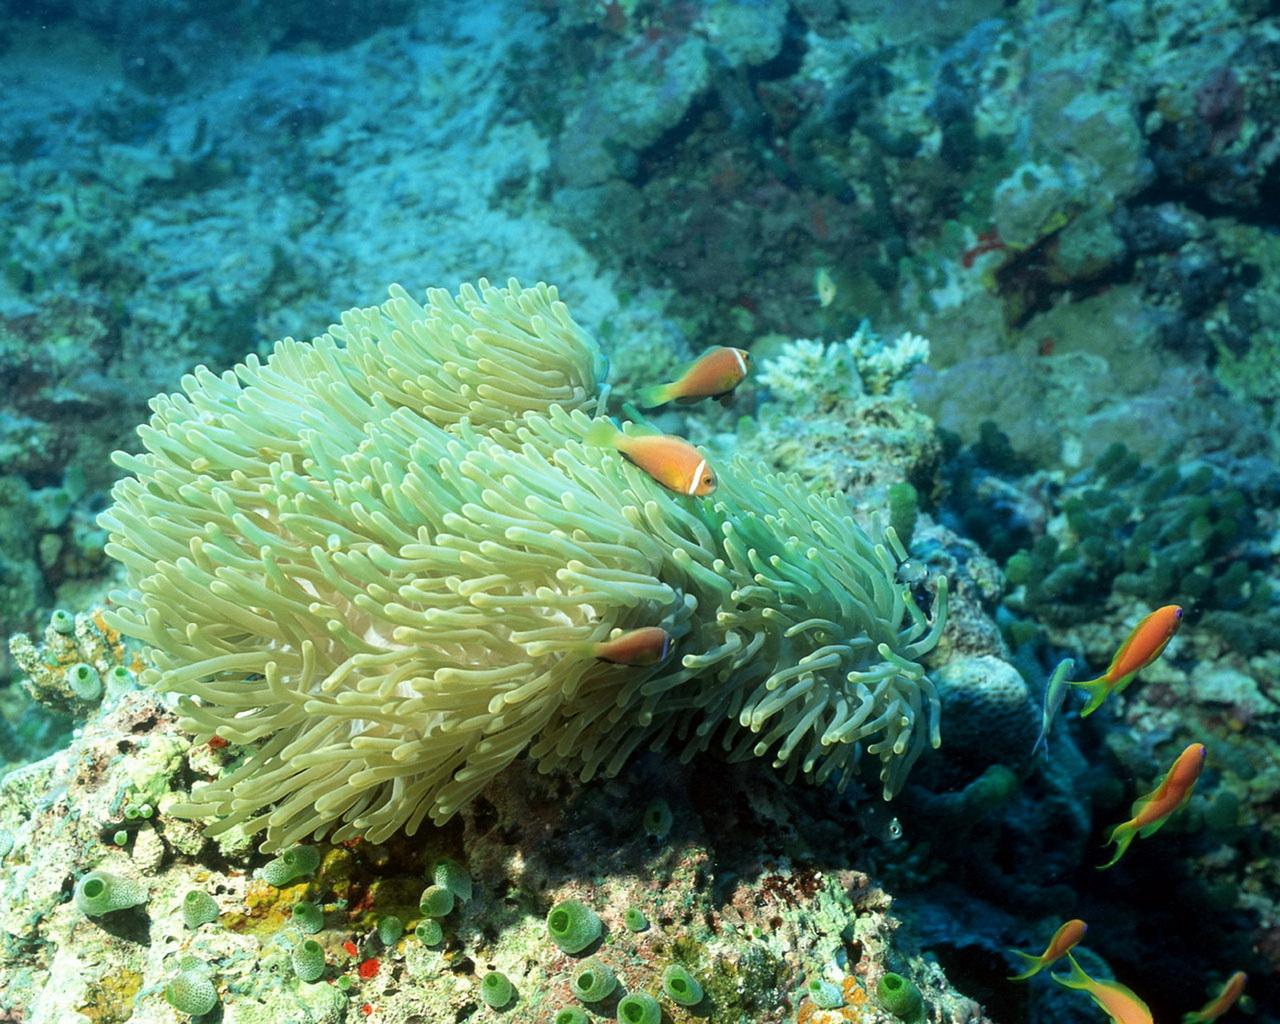 壁纸 海底 海底世界 海洋馆 水族馆 1280_1024